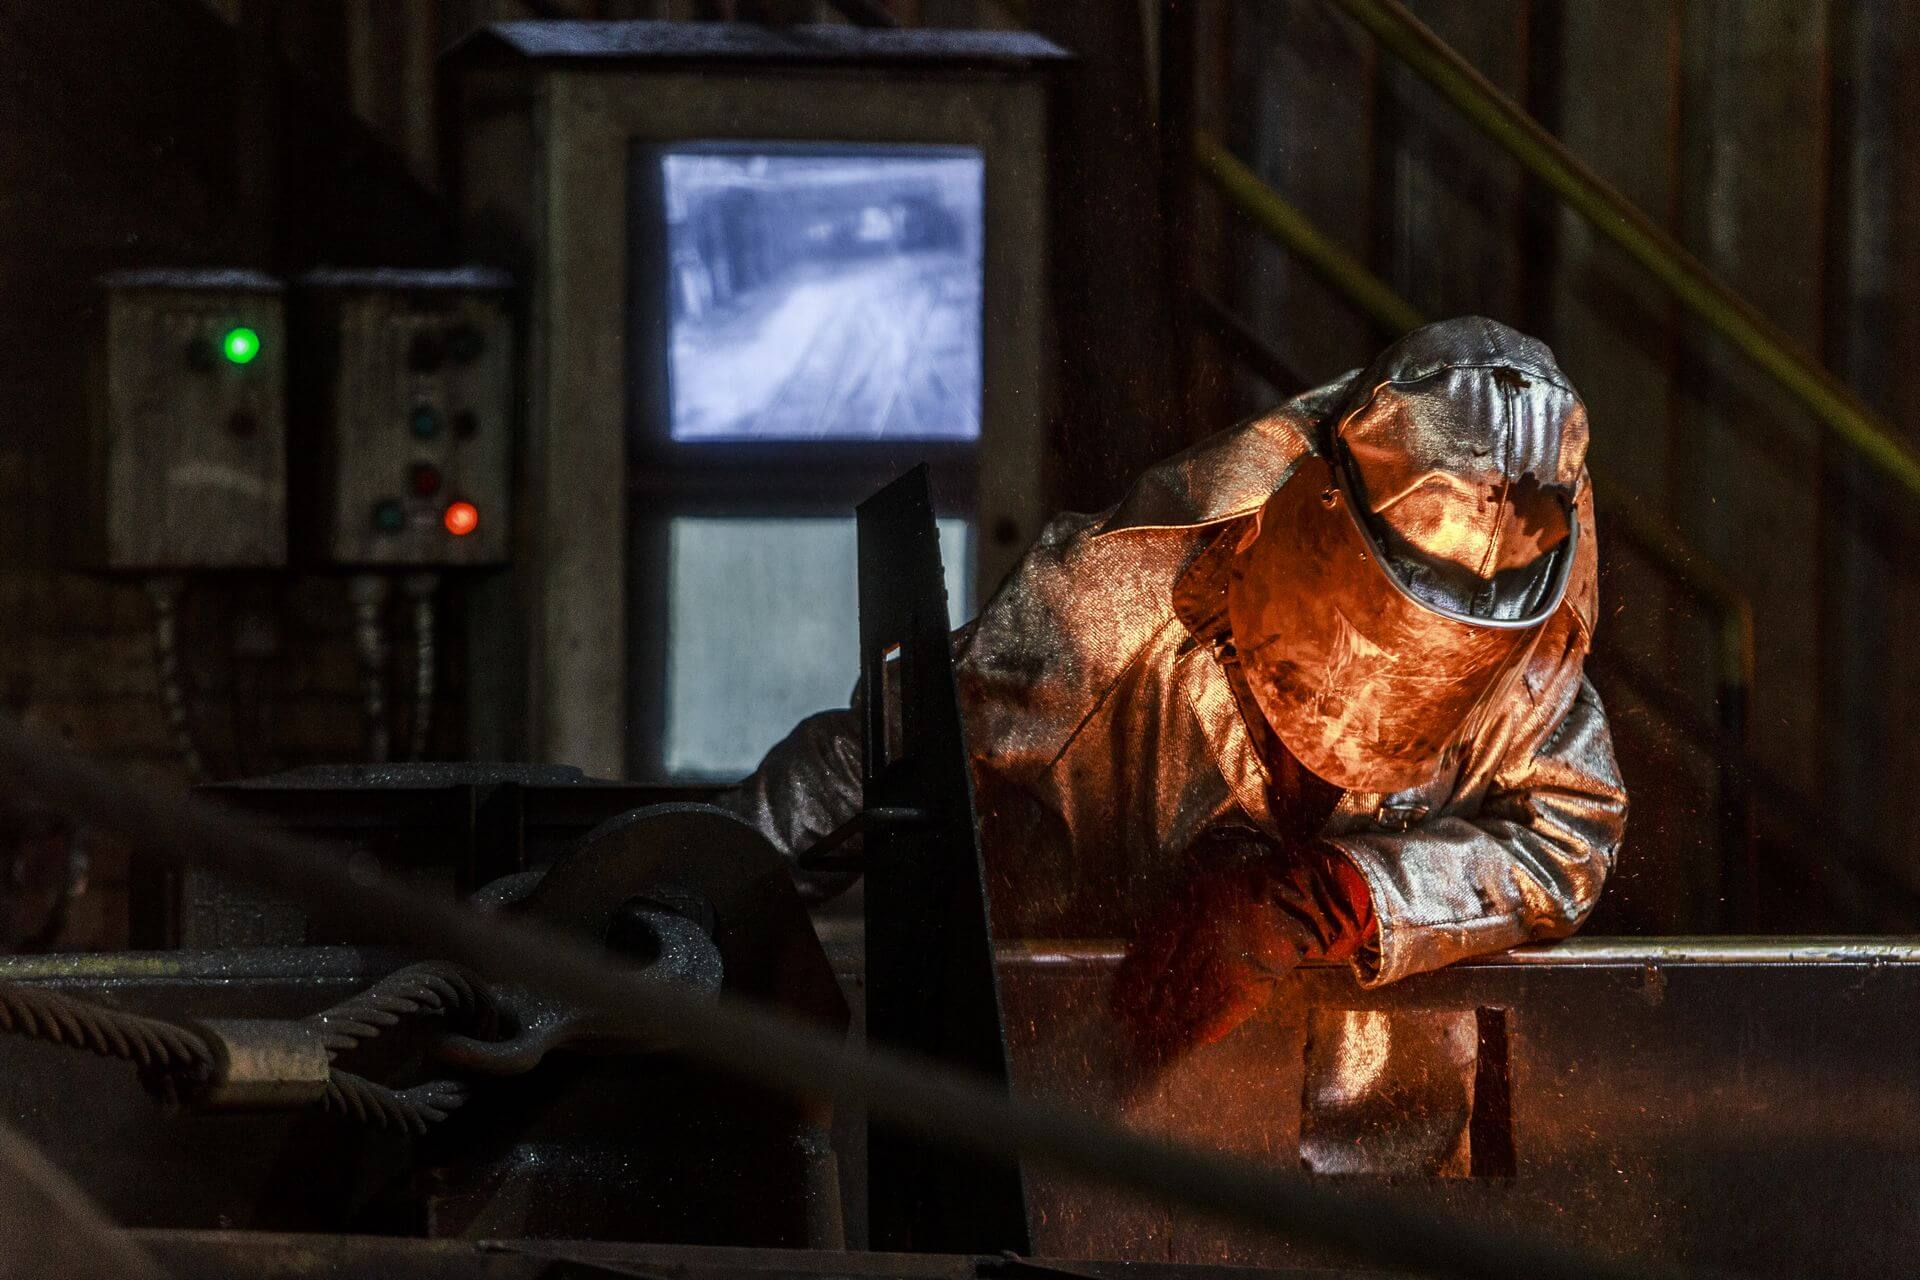 Oživení poptávky vEvropě bylo rychlejší, než jsme čekali, stoupají ceny komodit i oceli, výhled je ale nejistý